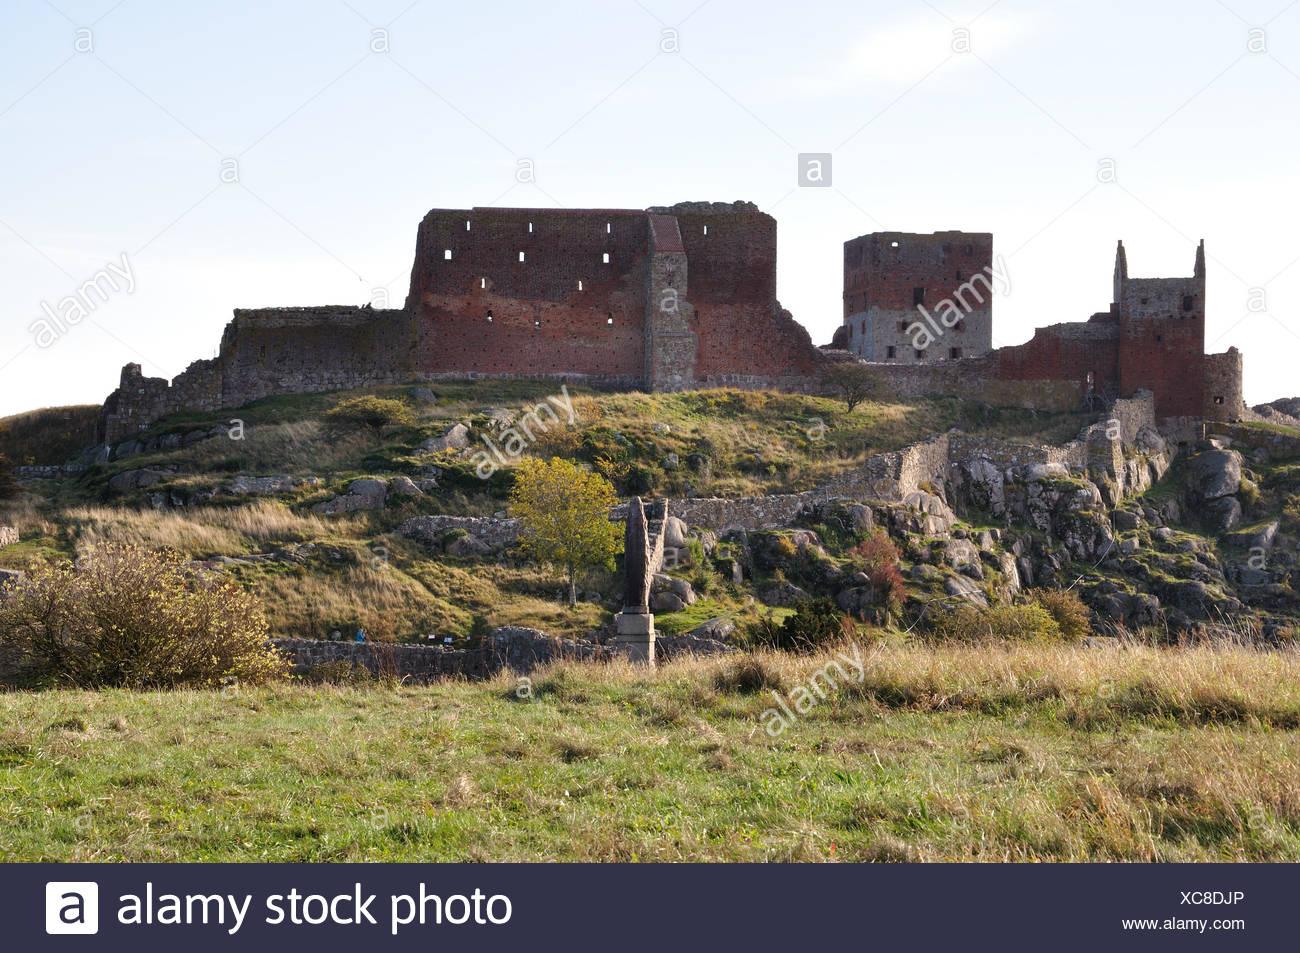 Blick auf die berühmte Burgruine Hammershus (einer der größten zusammenhängenden Burgruinen-Komplexe Nordeuropas) auf Bornholm Stock Photo